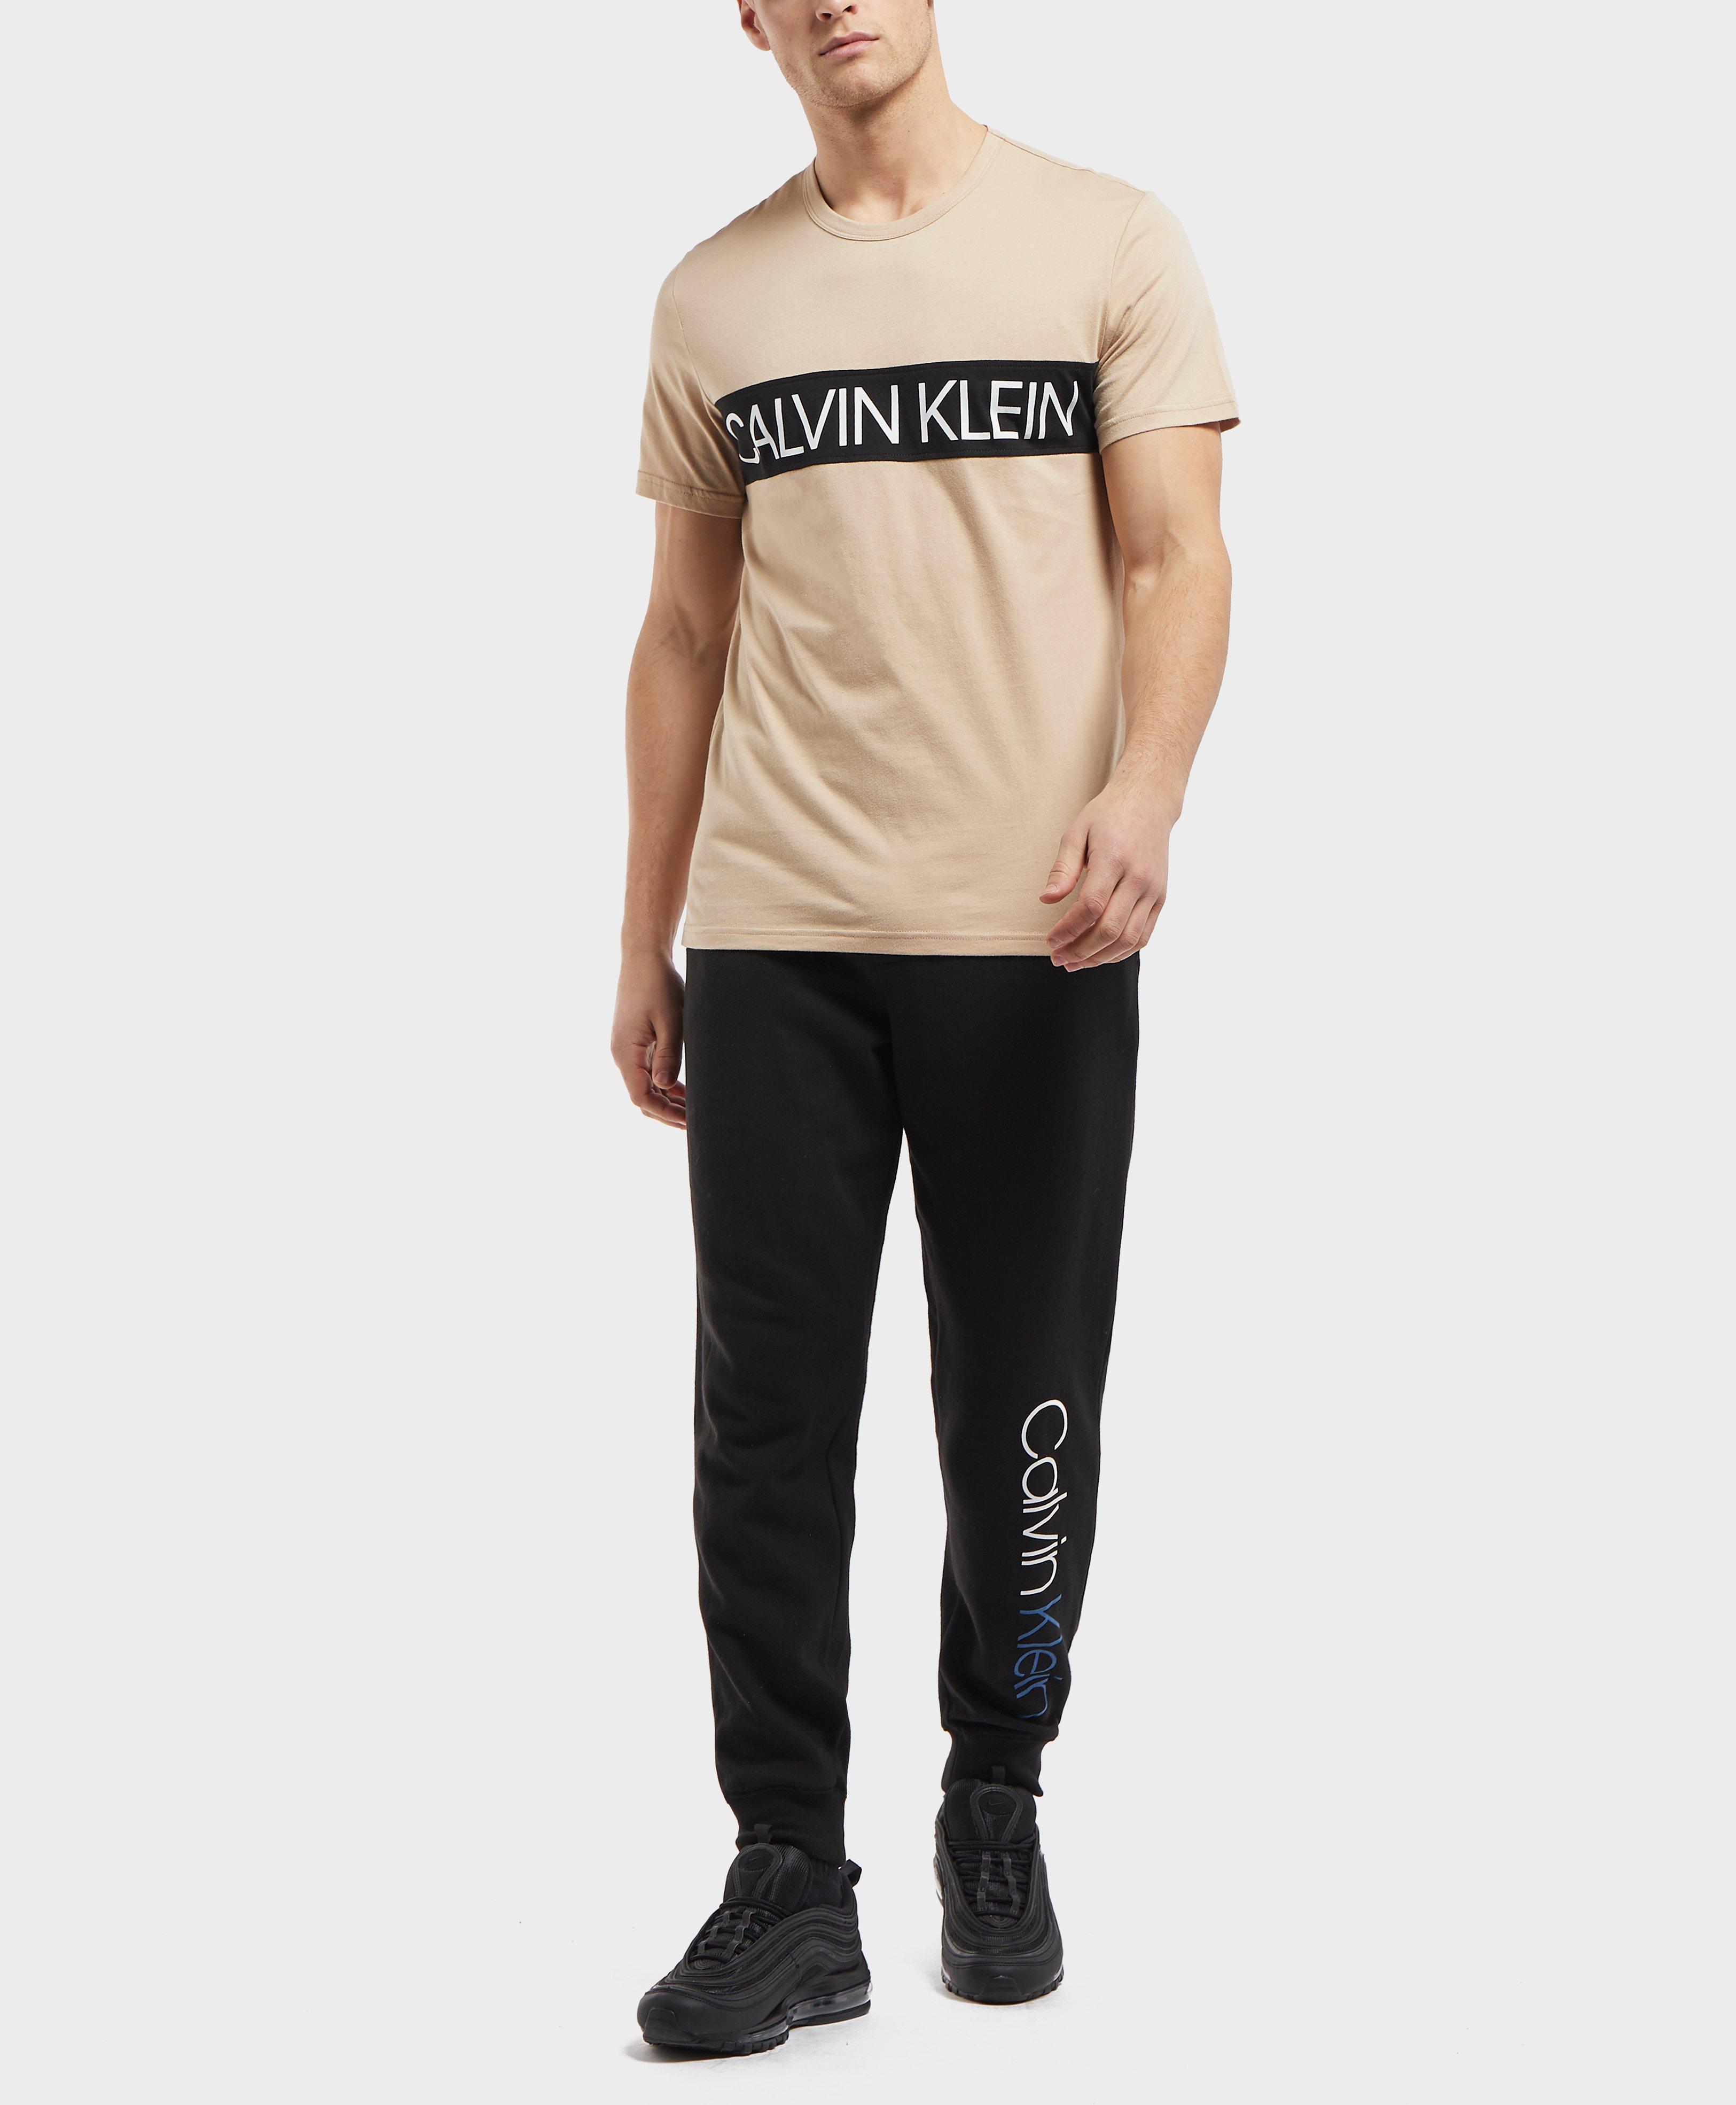 0503053f Calvin Klein - Multicolor Panel Logo Short Sleeve T-shirt for Men - Lyst.  View fullscreen